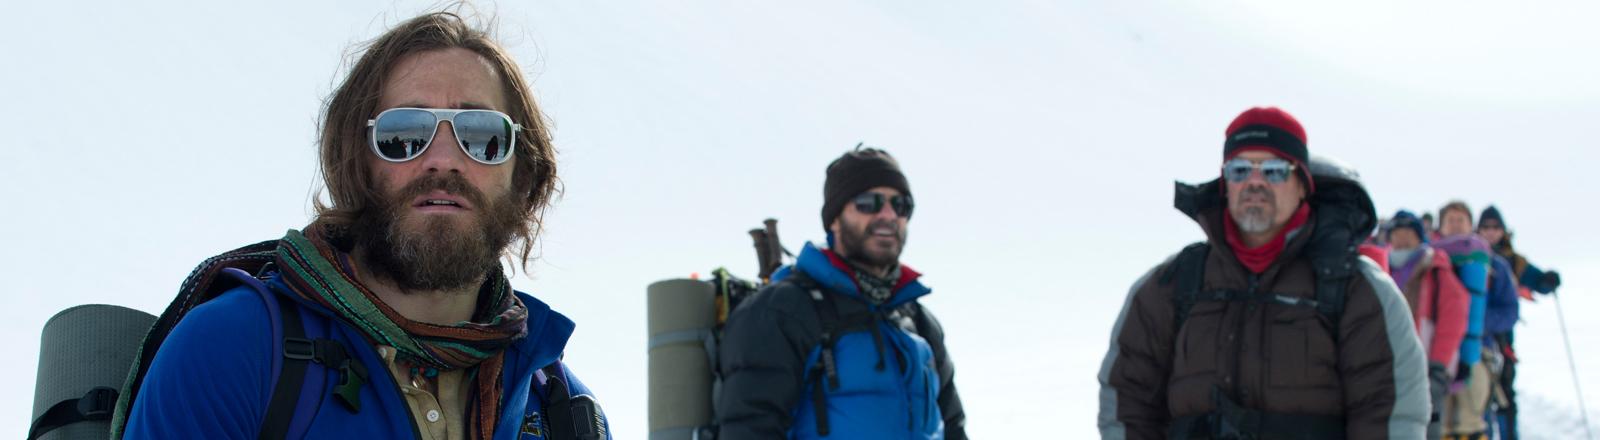 """Jake Gyllenhaal (l) als Scott Fischer und Josh Brolin als Beck Weathers (r) in einer Szene des Kinofilms """"Everest"""" (undatierte Filmszene)."""